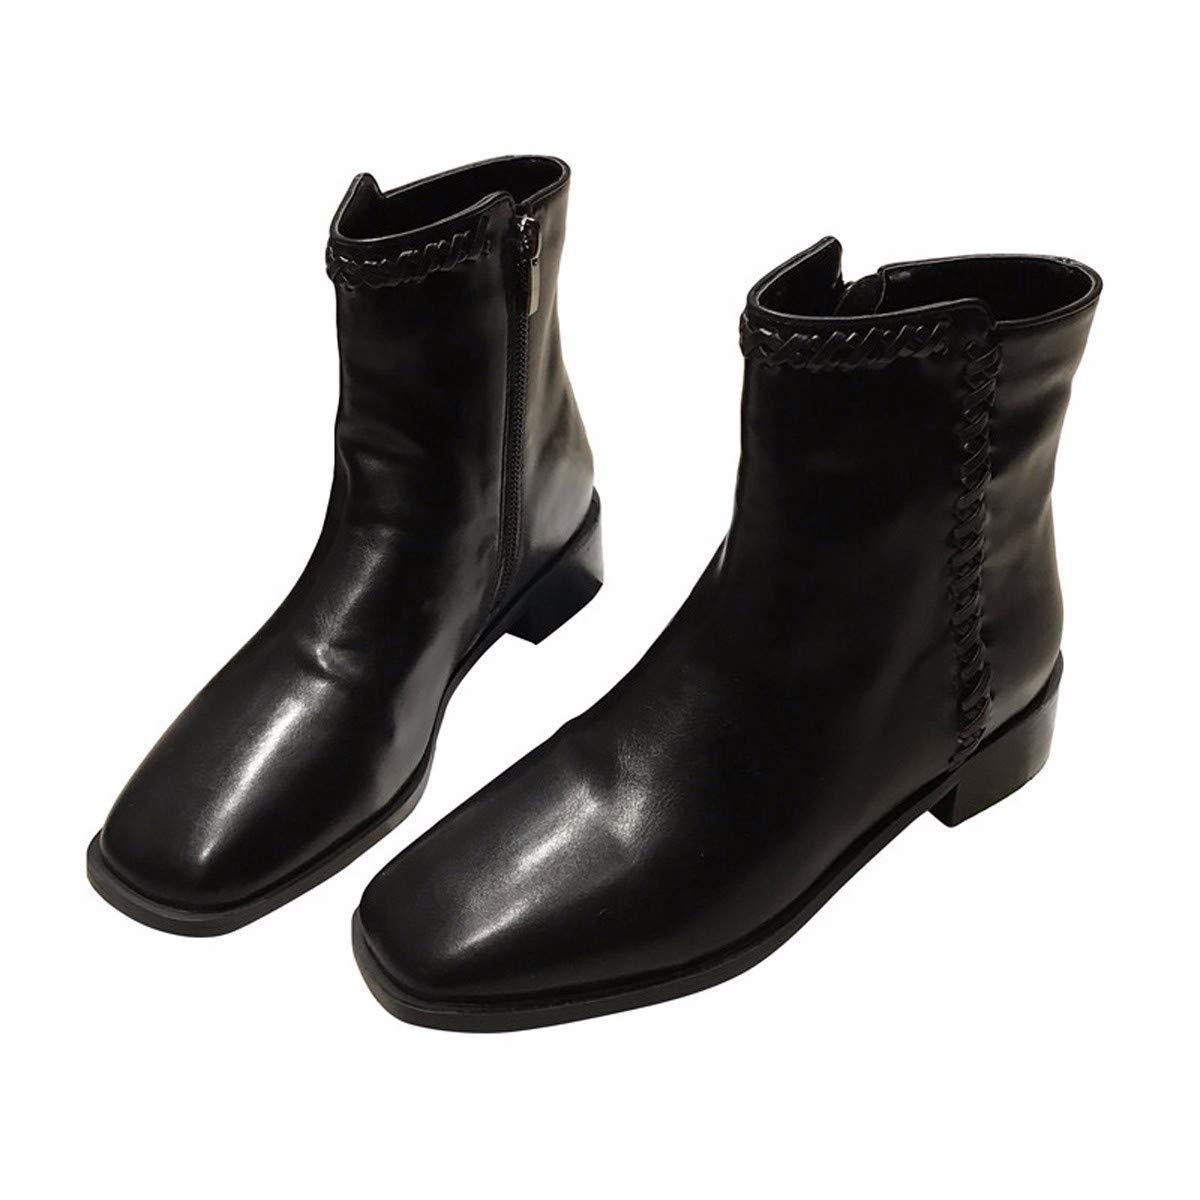 LBTSQ Fashion Damenschuhe Mode Seite Reißverschluss Heel 3Cm - Lokomotiv - Stiefel Square Kopf Flachem Absatz Stiefel Winter Samt Ritter - Flut